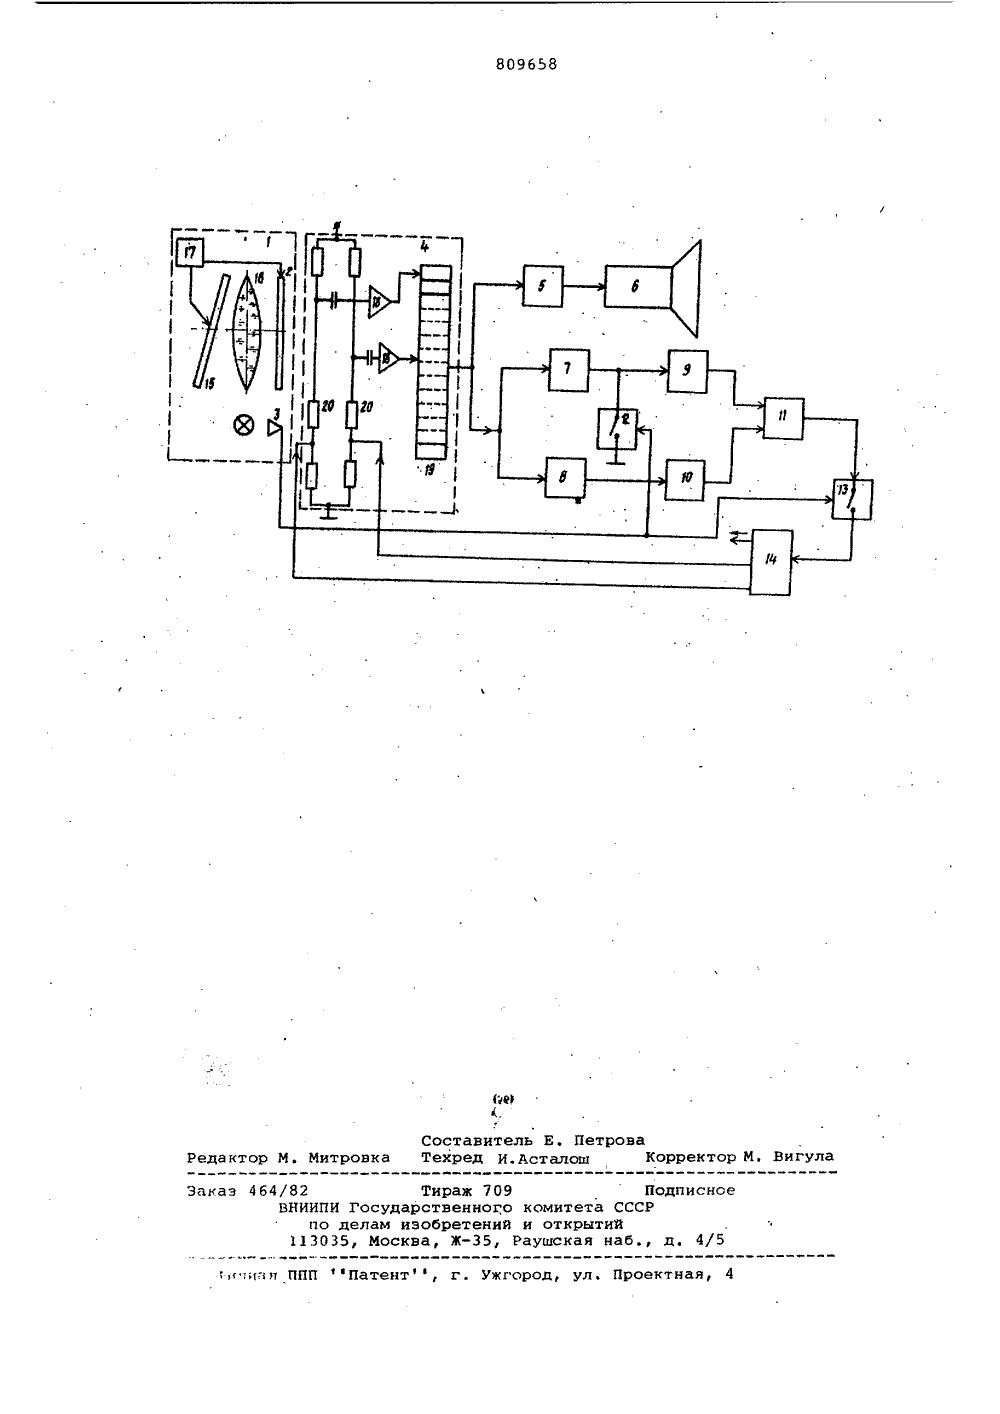 электрическая схема тепловизоров